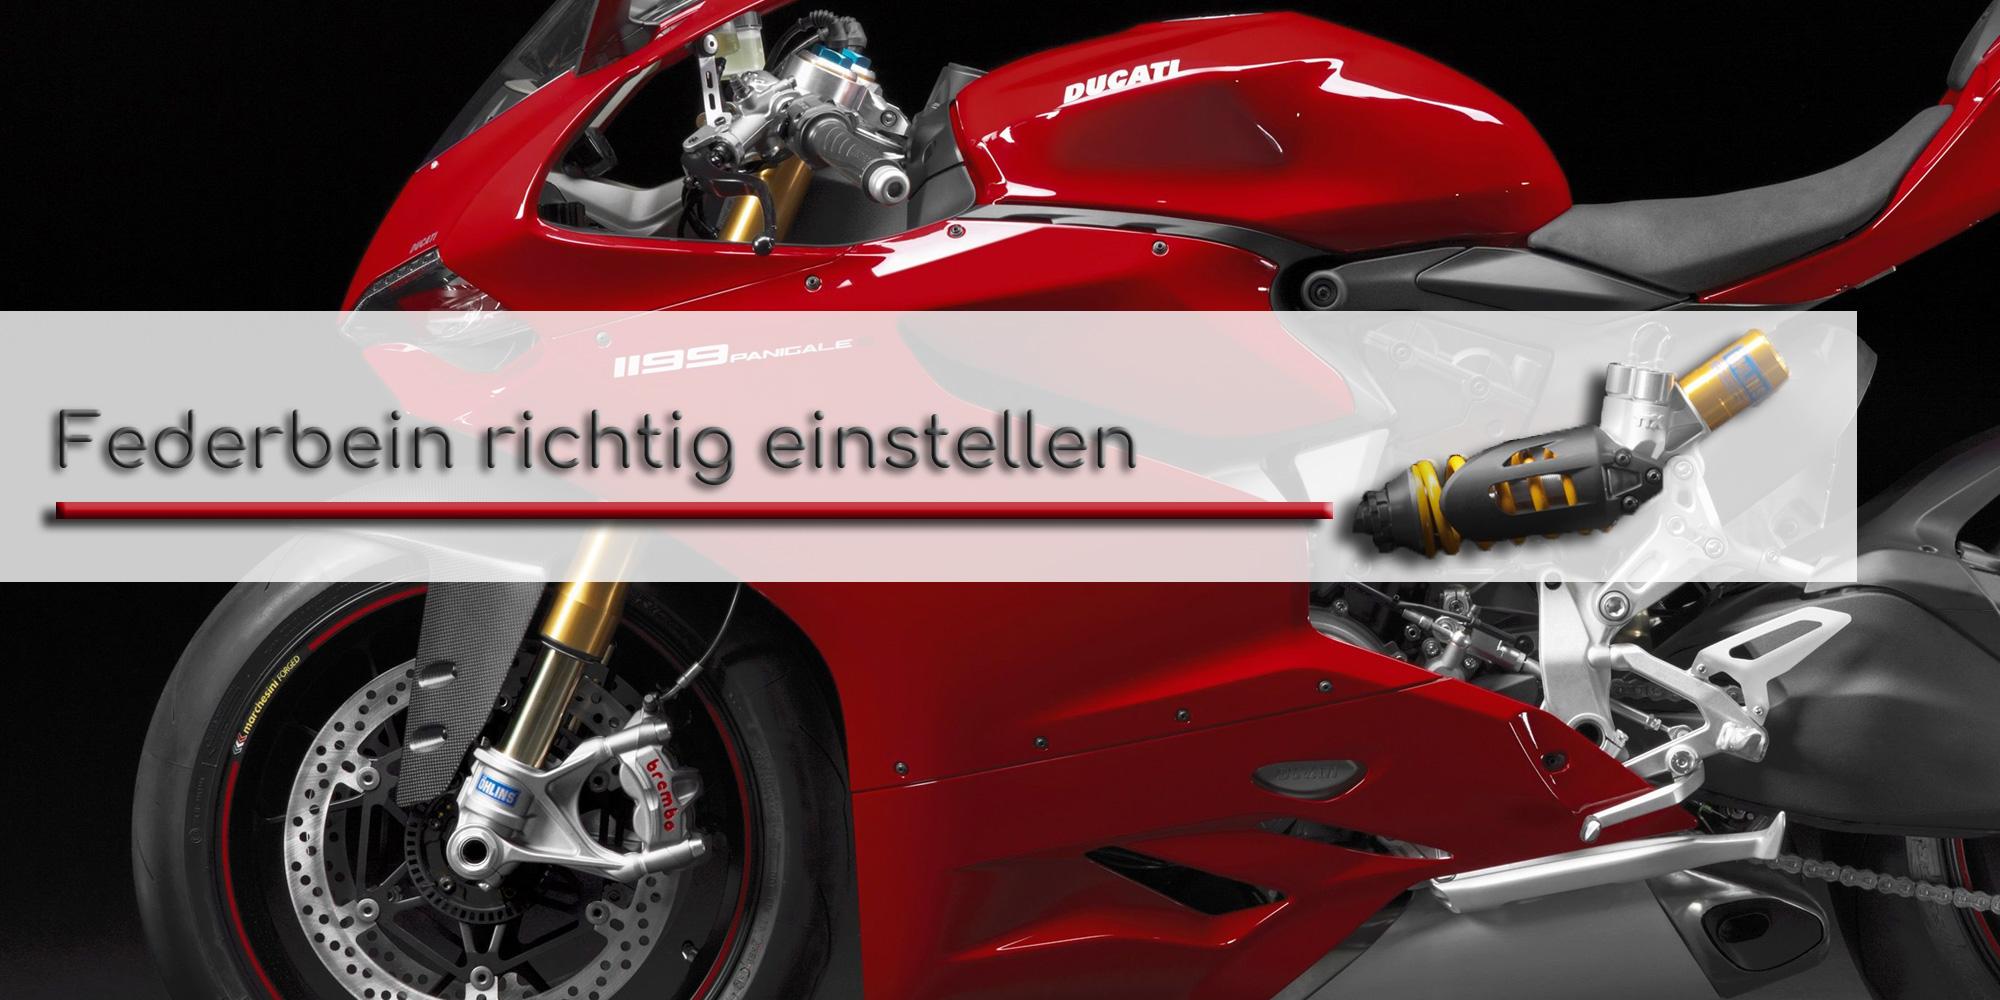 Vor schwarzem Hintergrund steht eine Ducati 1199 Panigale in rot. Das Federbein ist deutlich zu sehen. Im Textfels steht geschrieben: Federbein richtig einstellen und eine rote Linie zeigt zum Federbein.